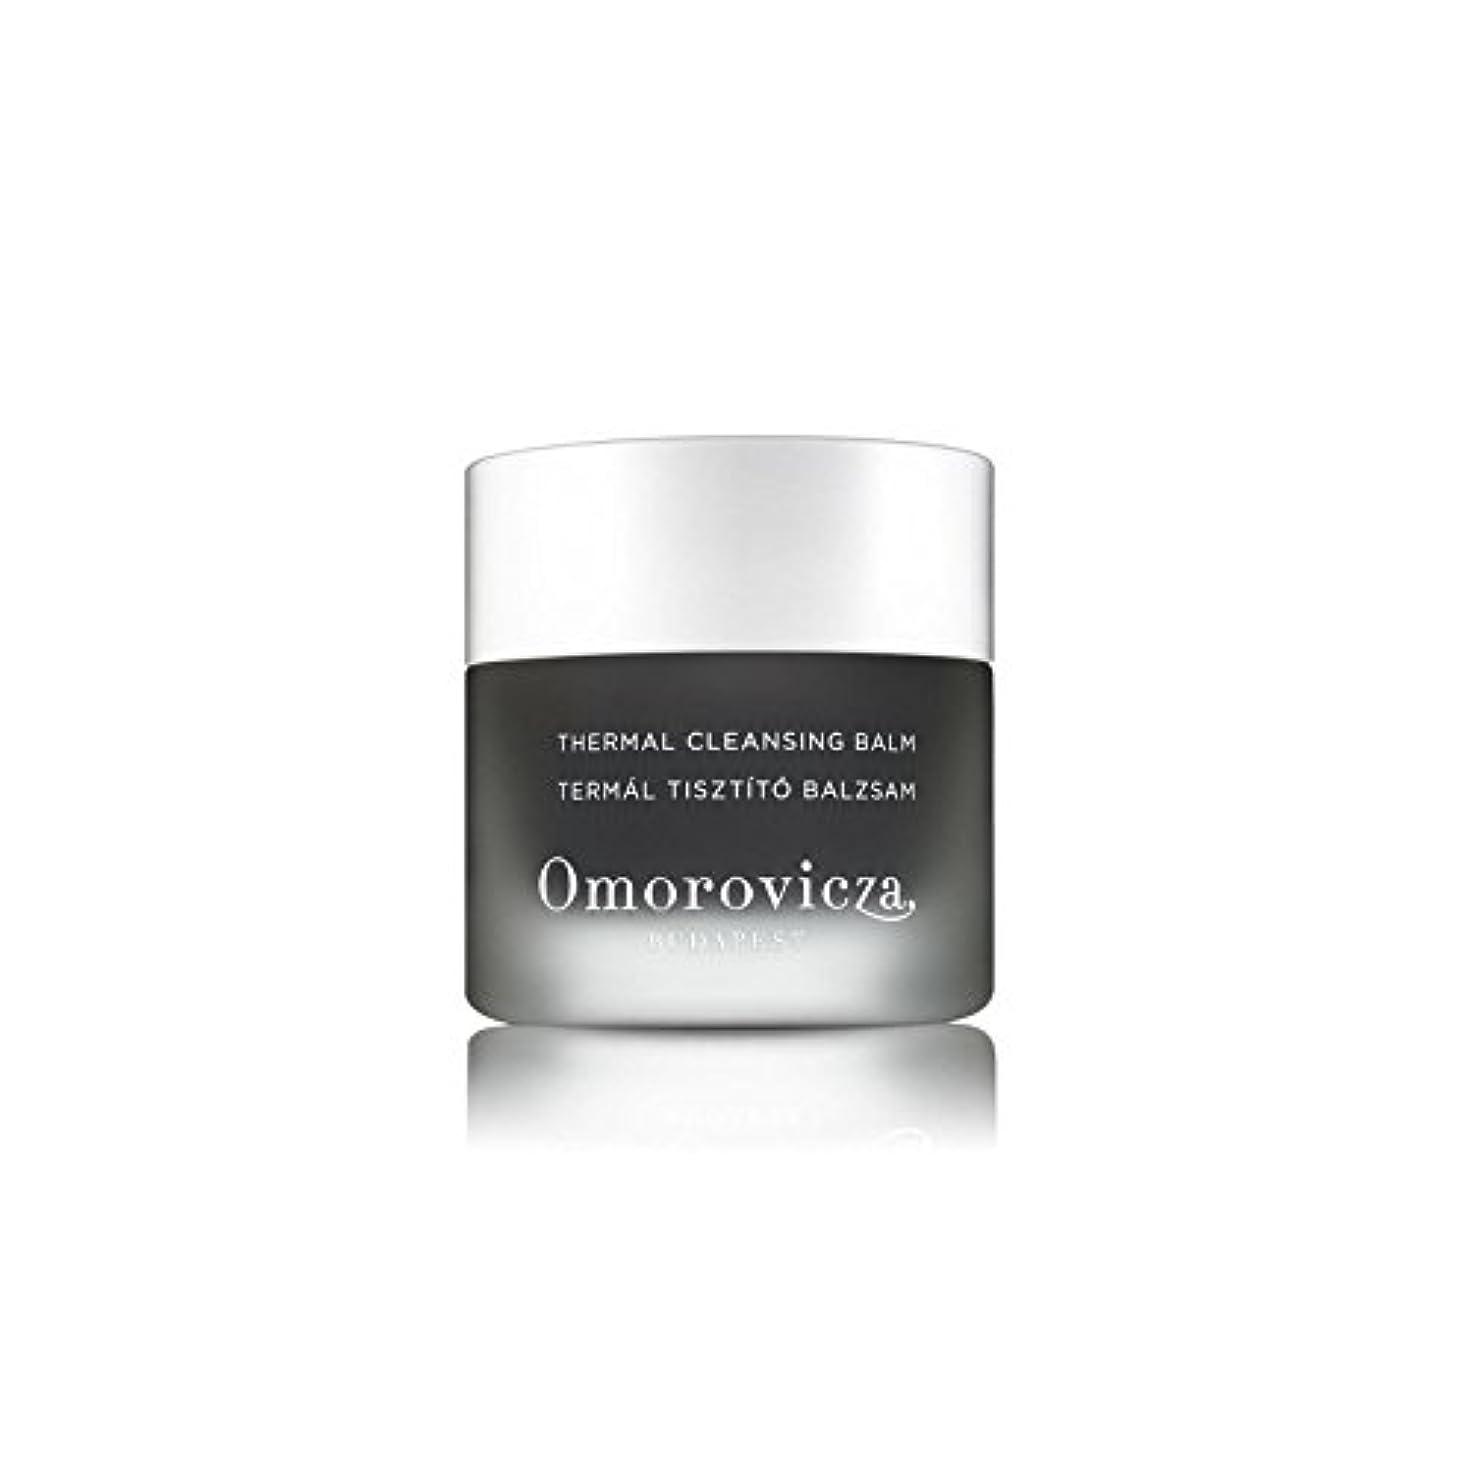 キロメートルジョセフバンクス森林Omorovicza Thermal Cleansing Balm - All Skin Types (50ml) - すべての肌タイプ(50ミリリットル) - サーマルクレンジングバーム [並行輸入品]